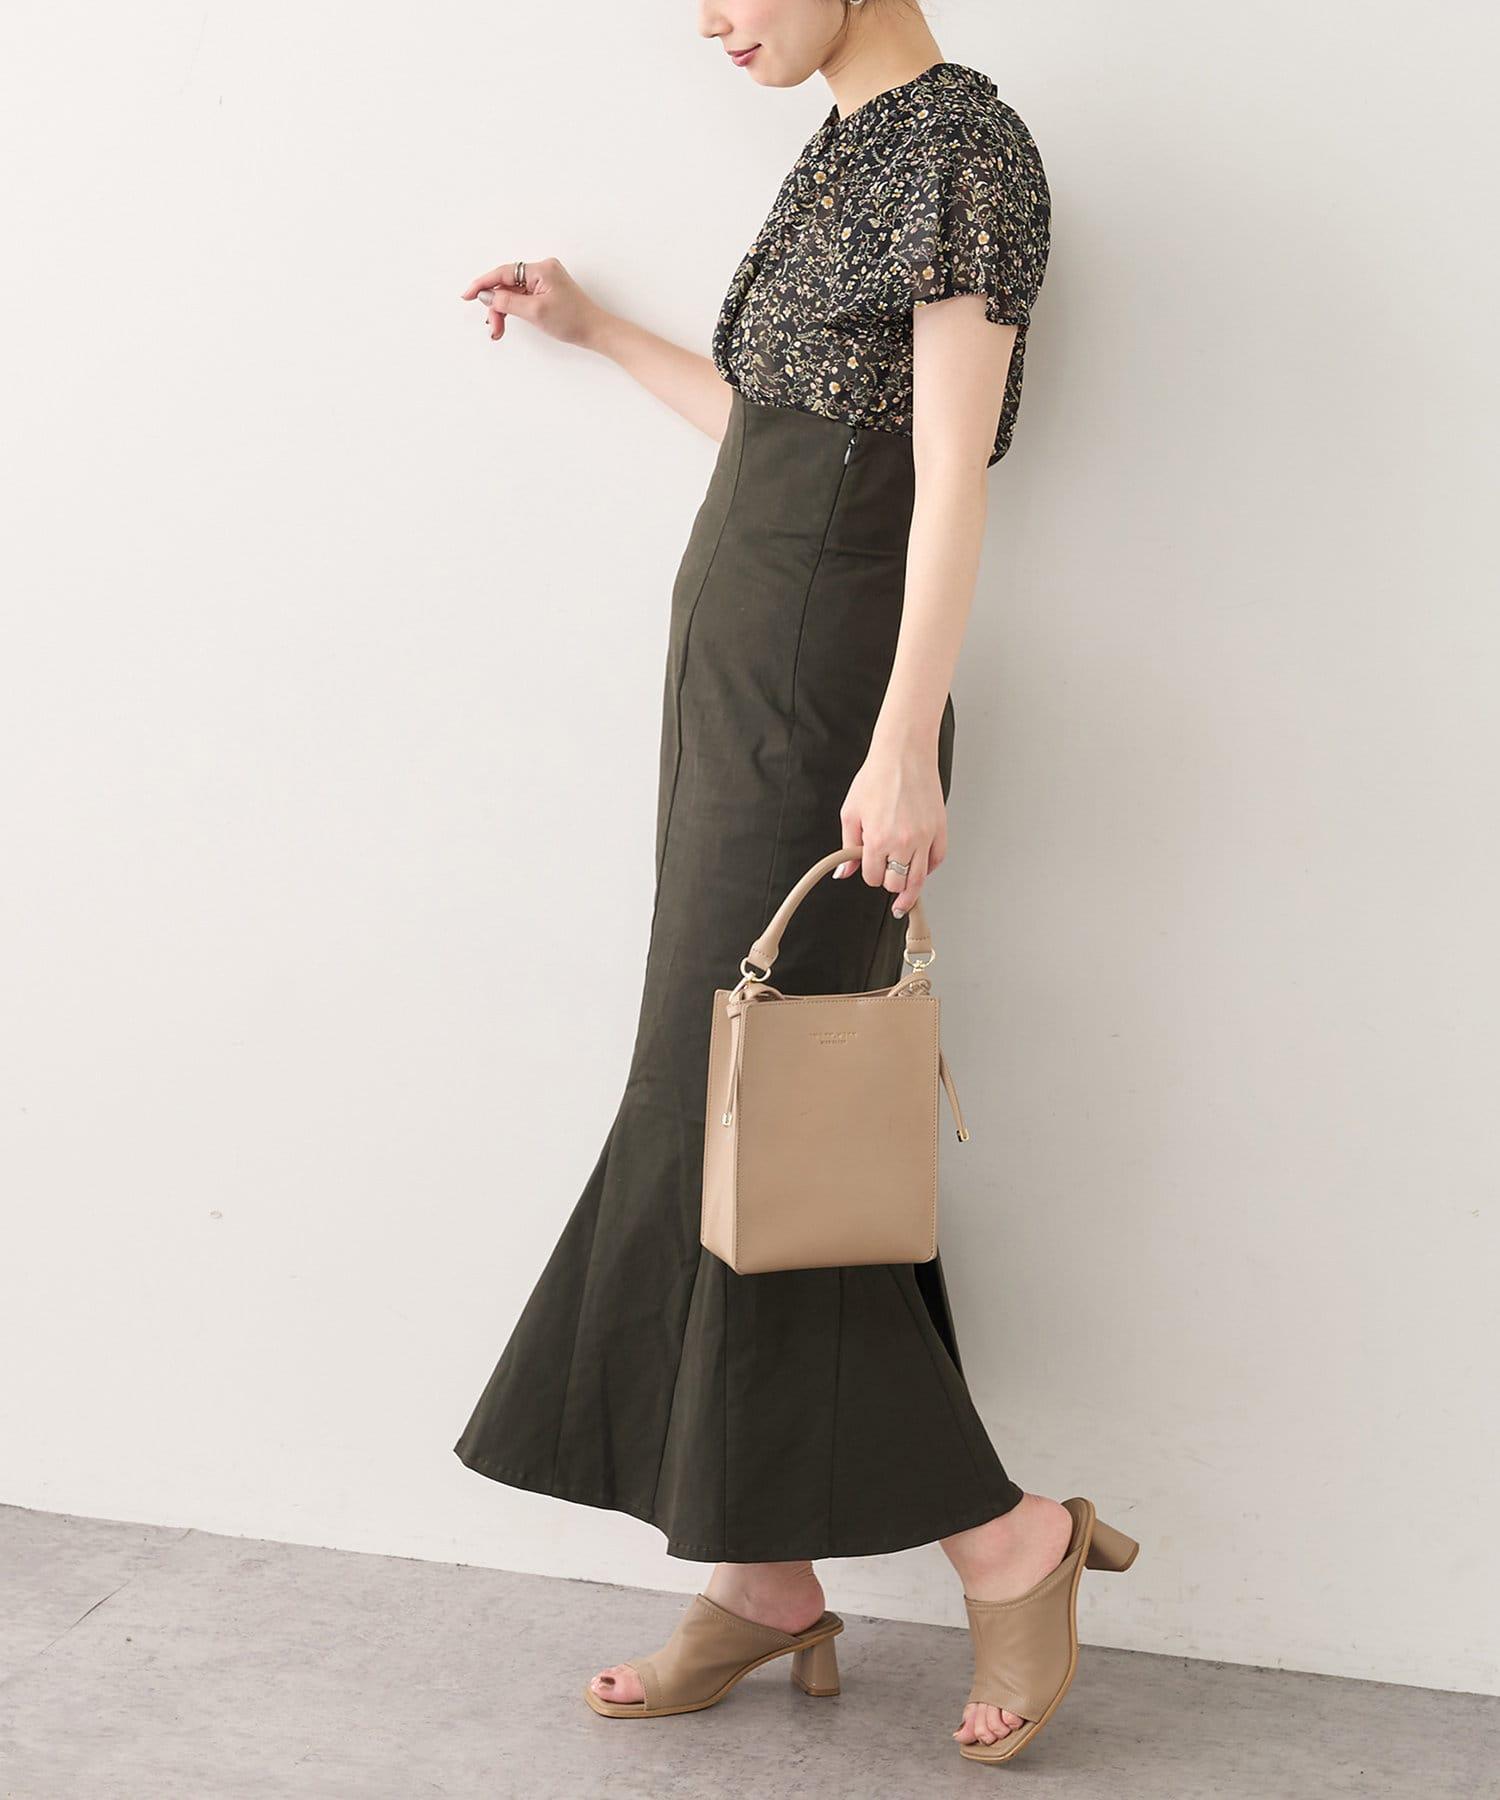 natural couture(ナチュラルクチュール) 【WEB限定】センタータックフレアスリーブギャザーブラウス